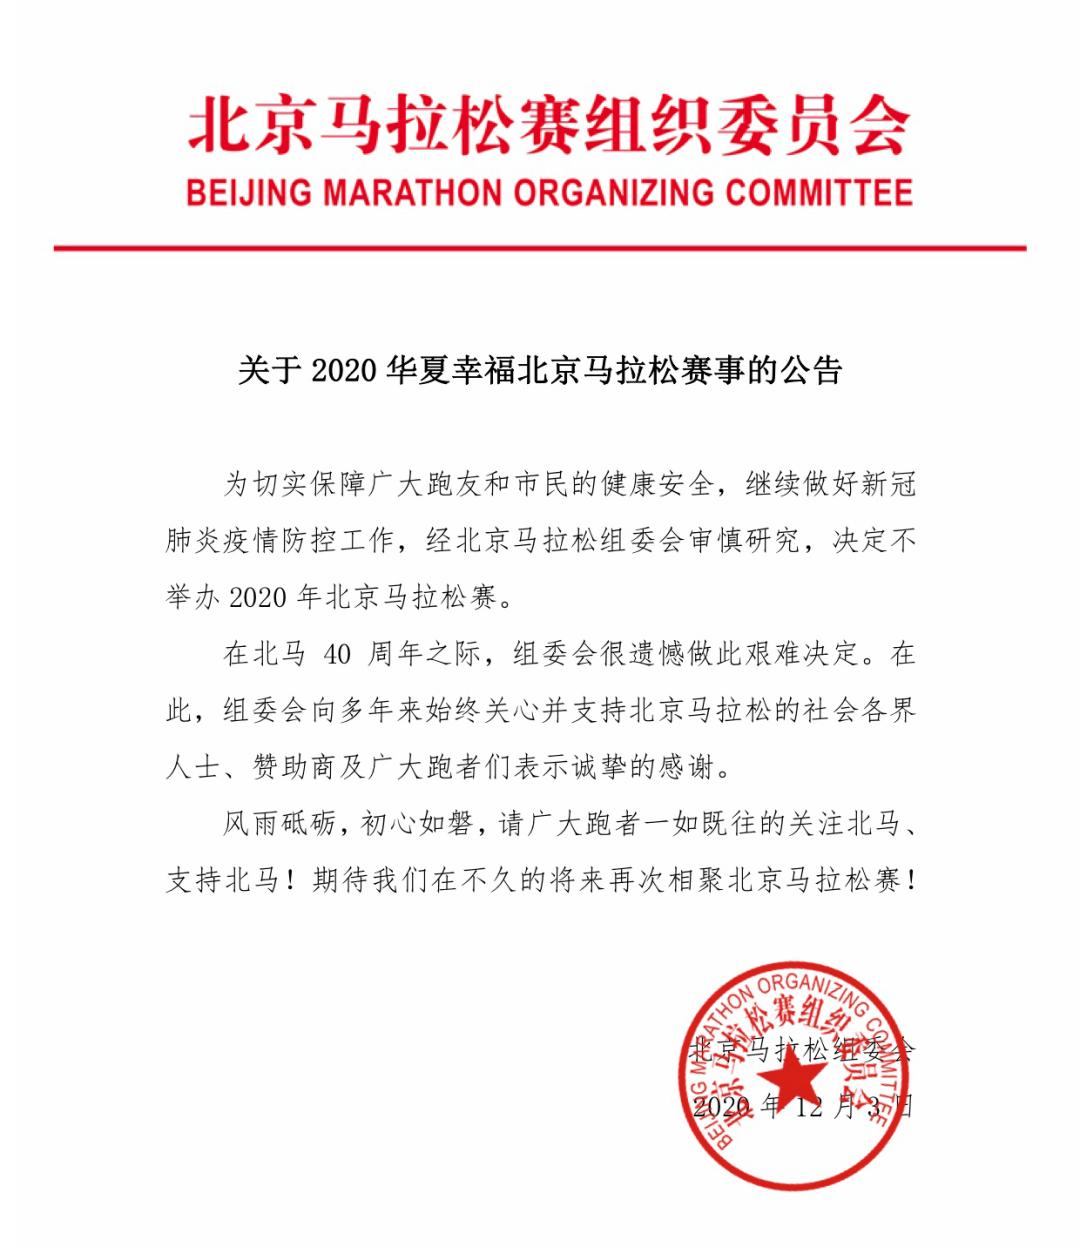 北马组委会:2020年北京马拉松取消